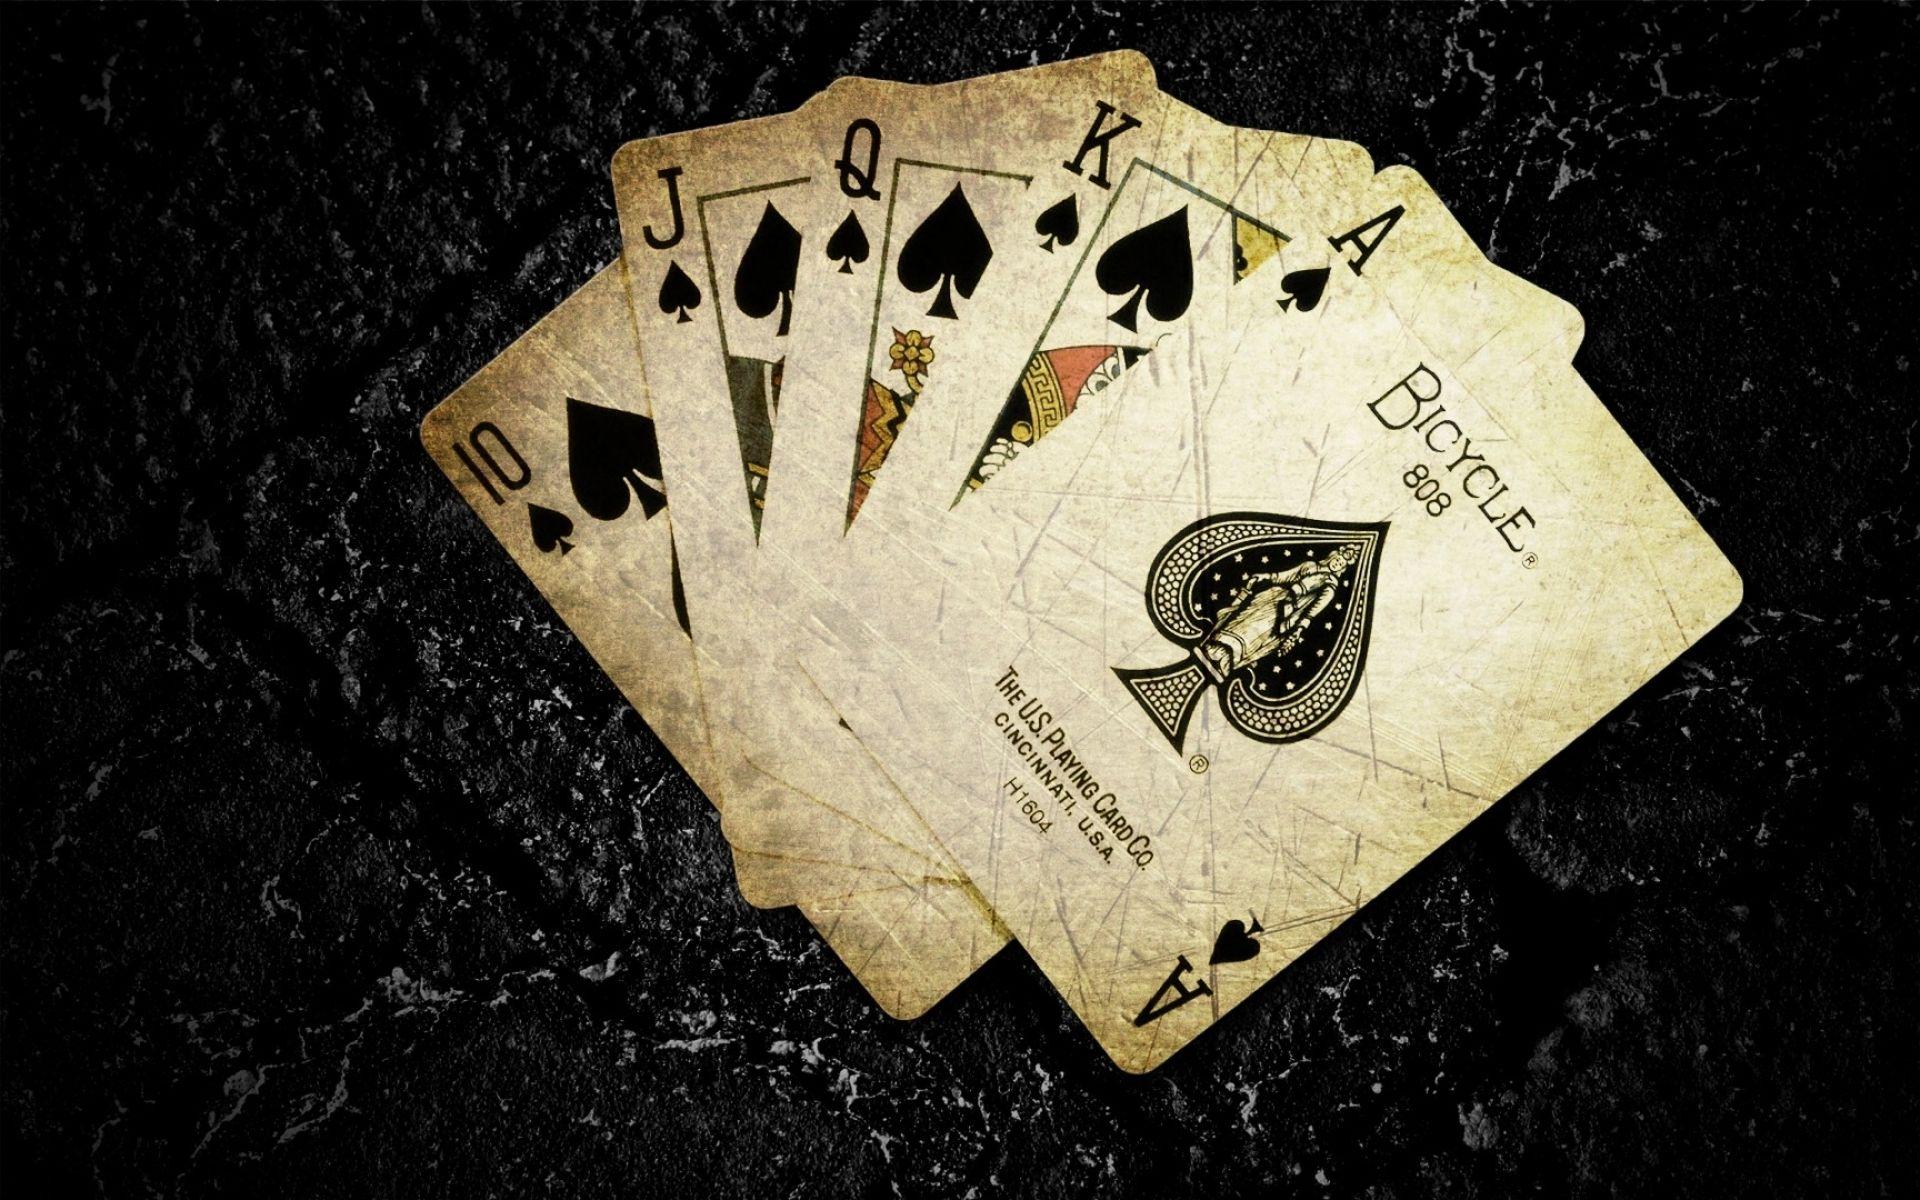 Game poker wallpaper jogos de cartas jogos de azar